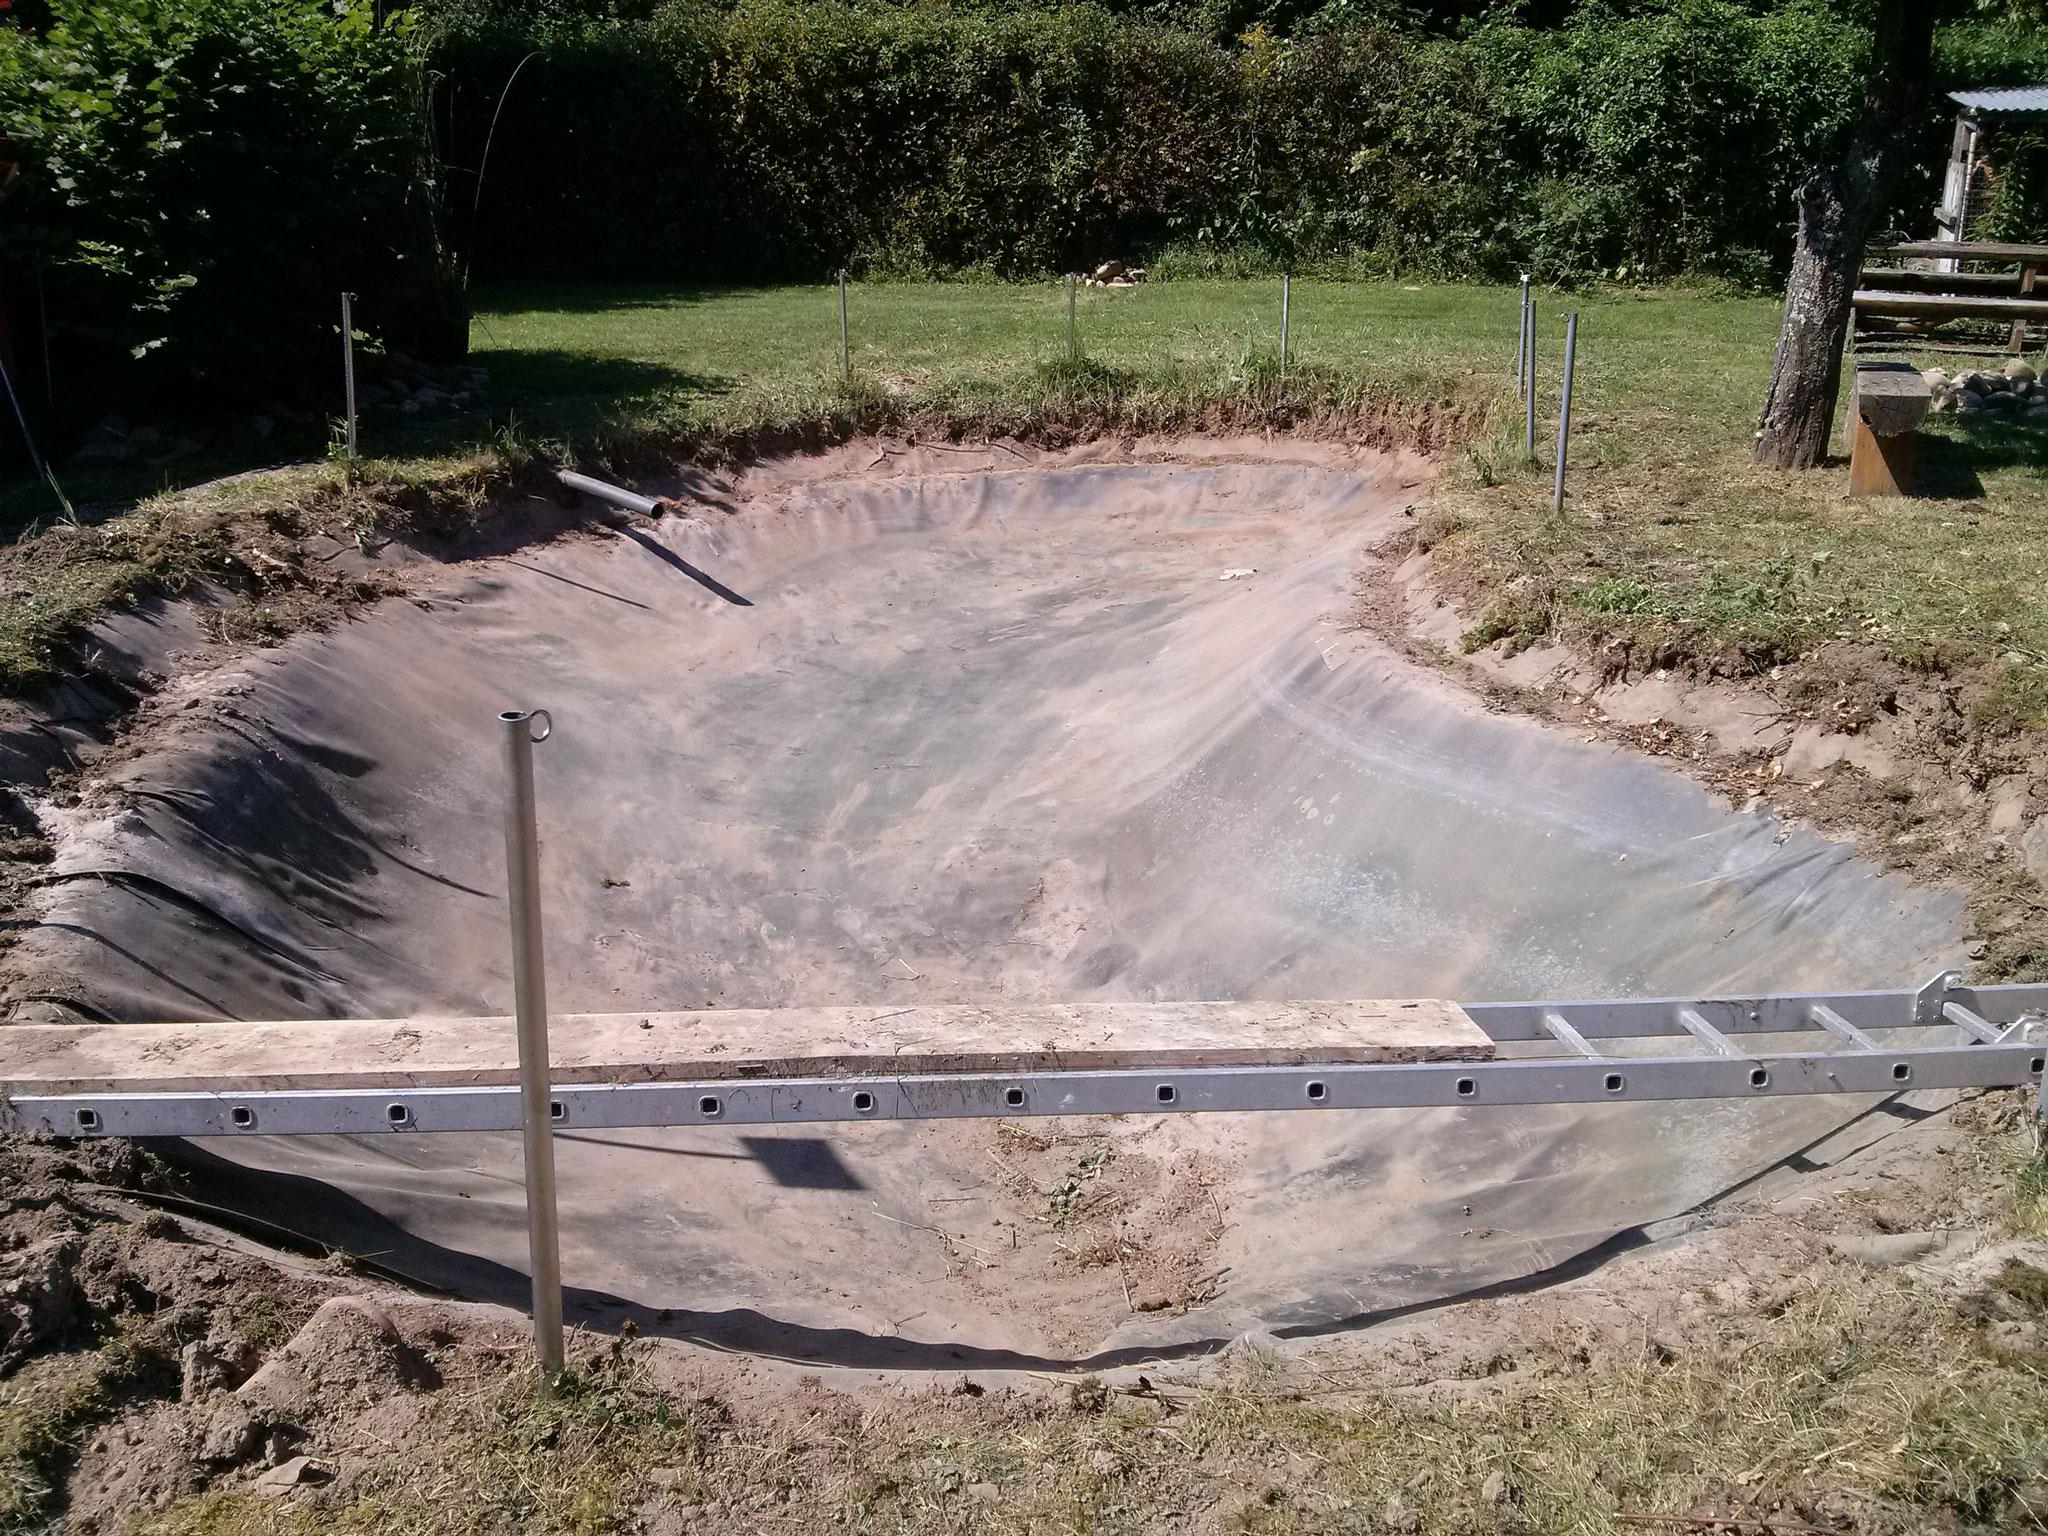 der neue Teich wird noch größer und bestimmt noch schöner wie der Alte.